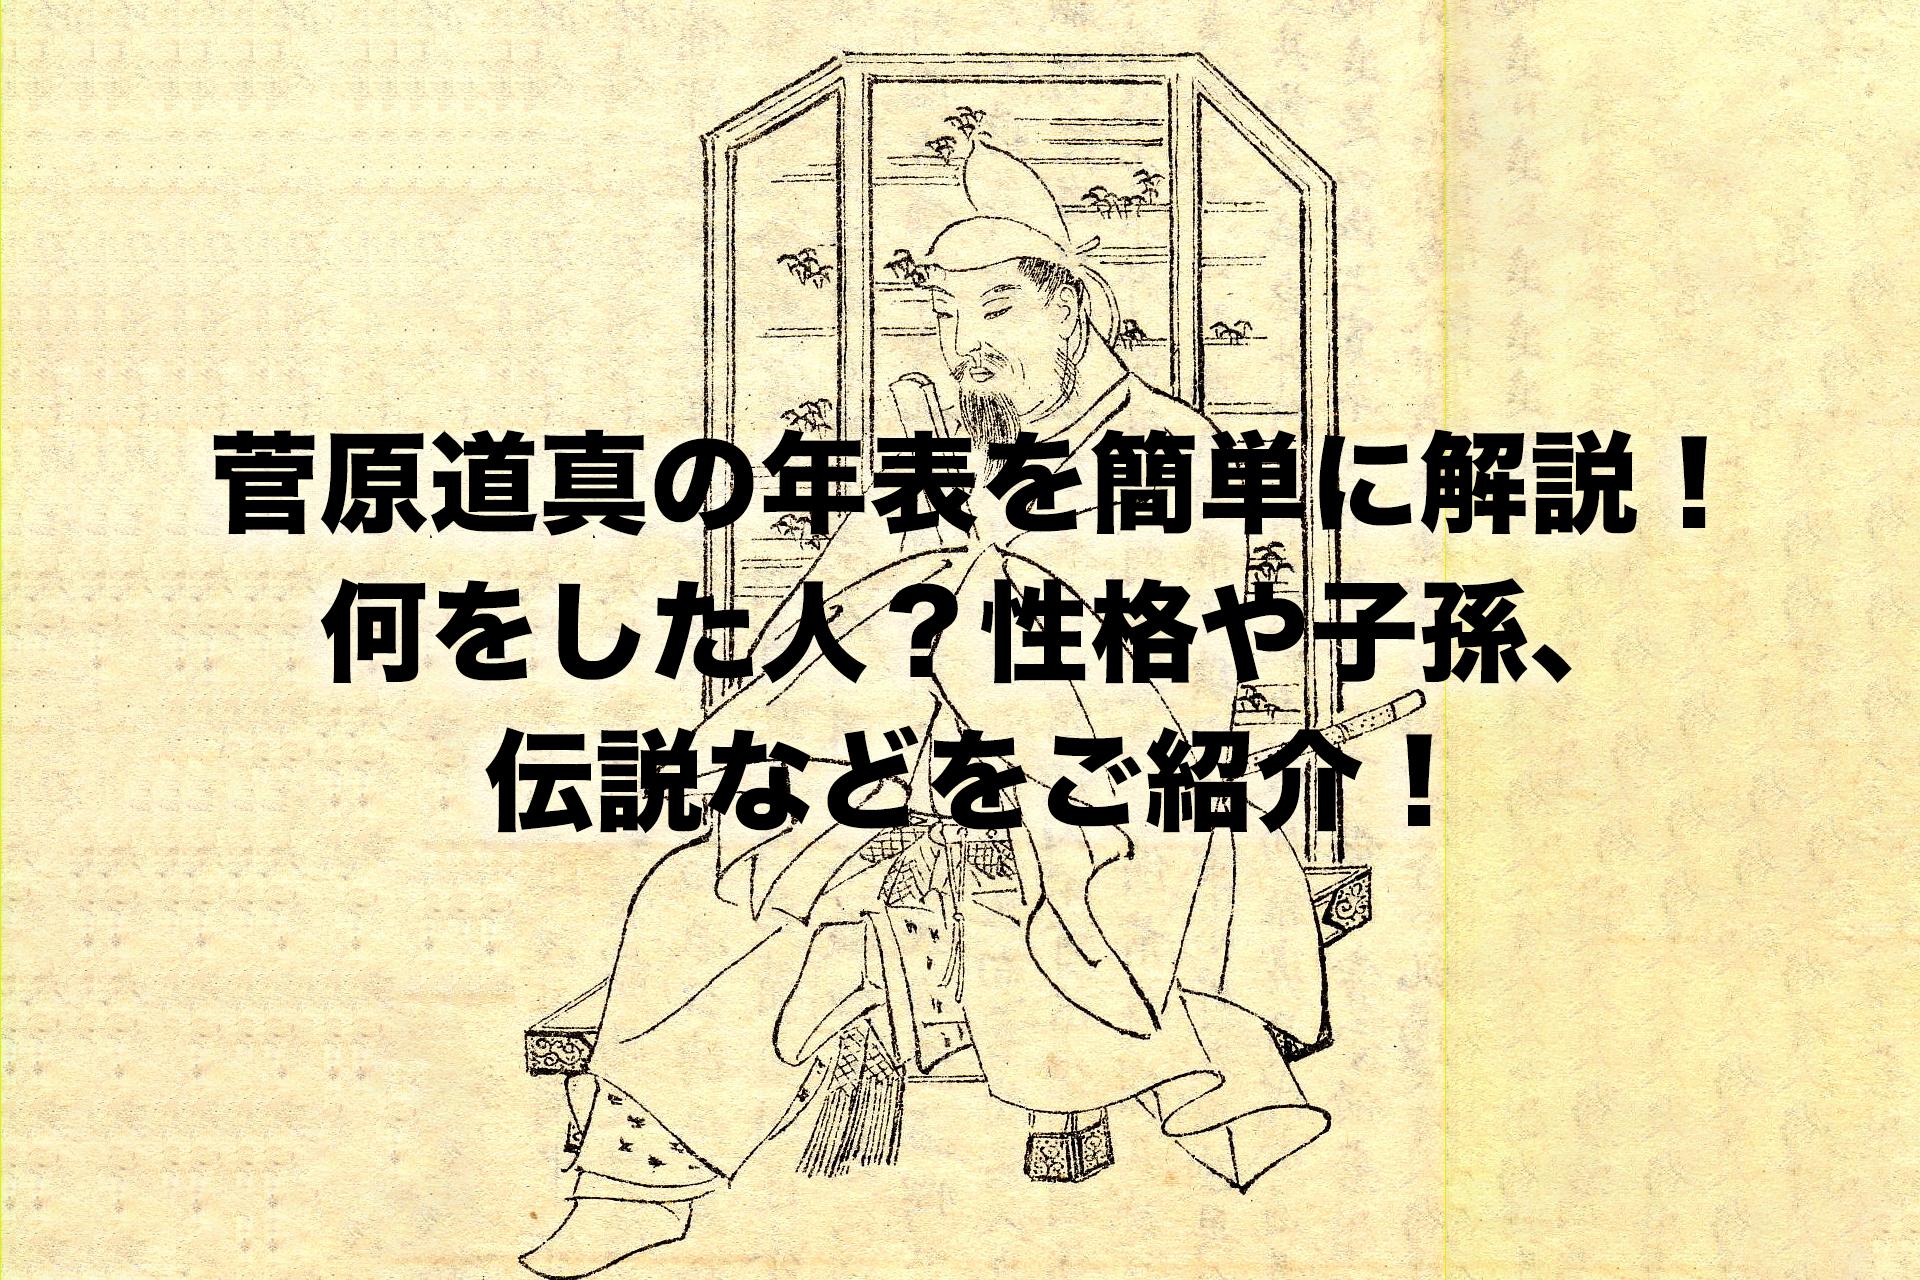 菅原道真の年表を簡単に解説!何をした人?性格や子孫、伝説などをご紹介!